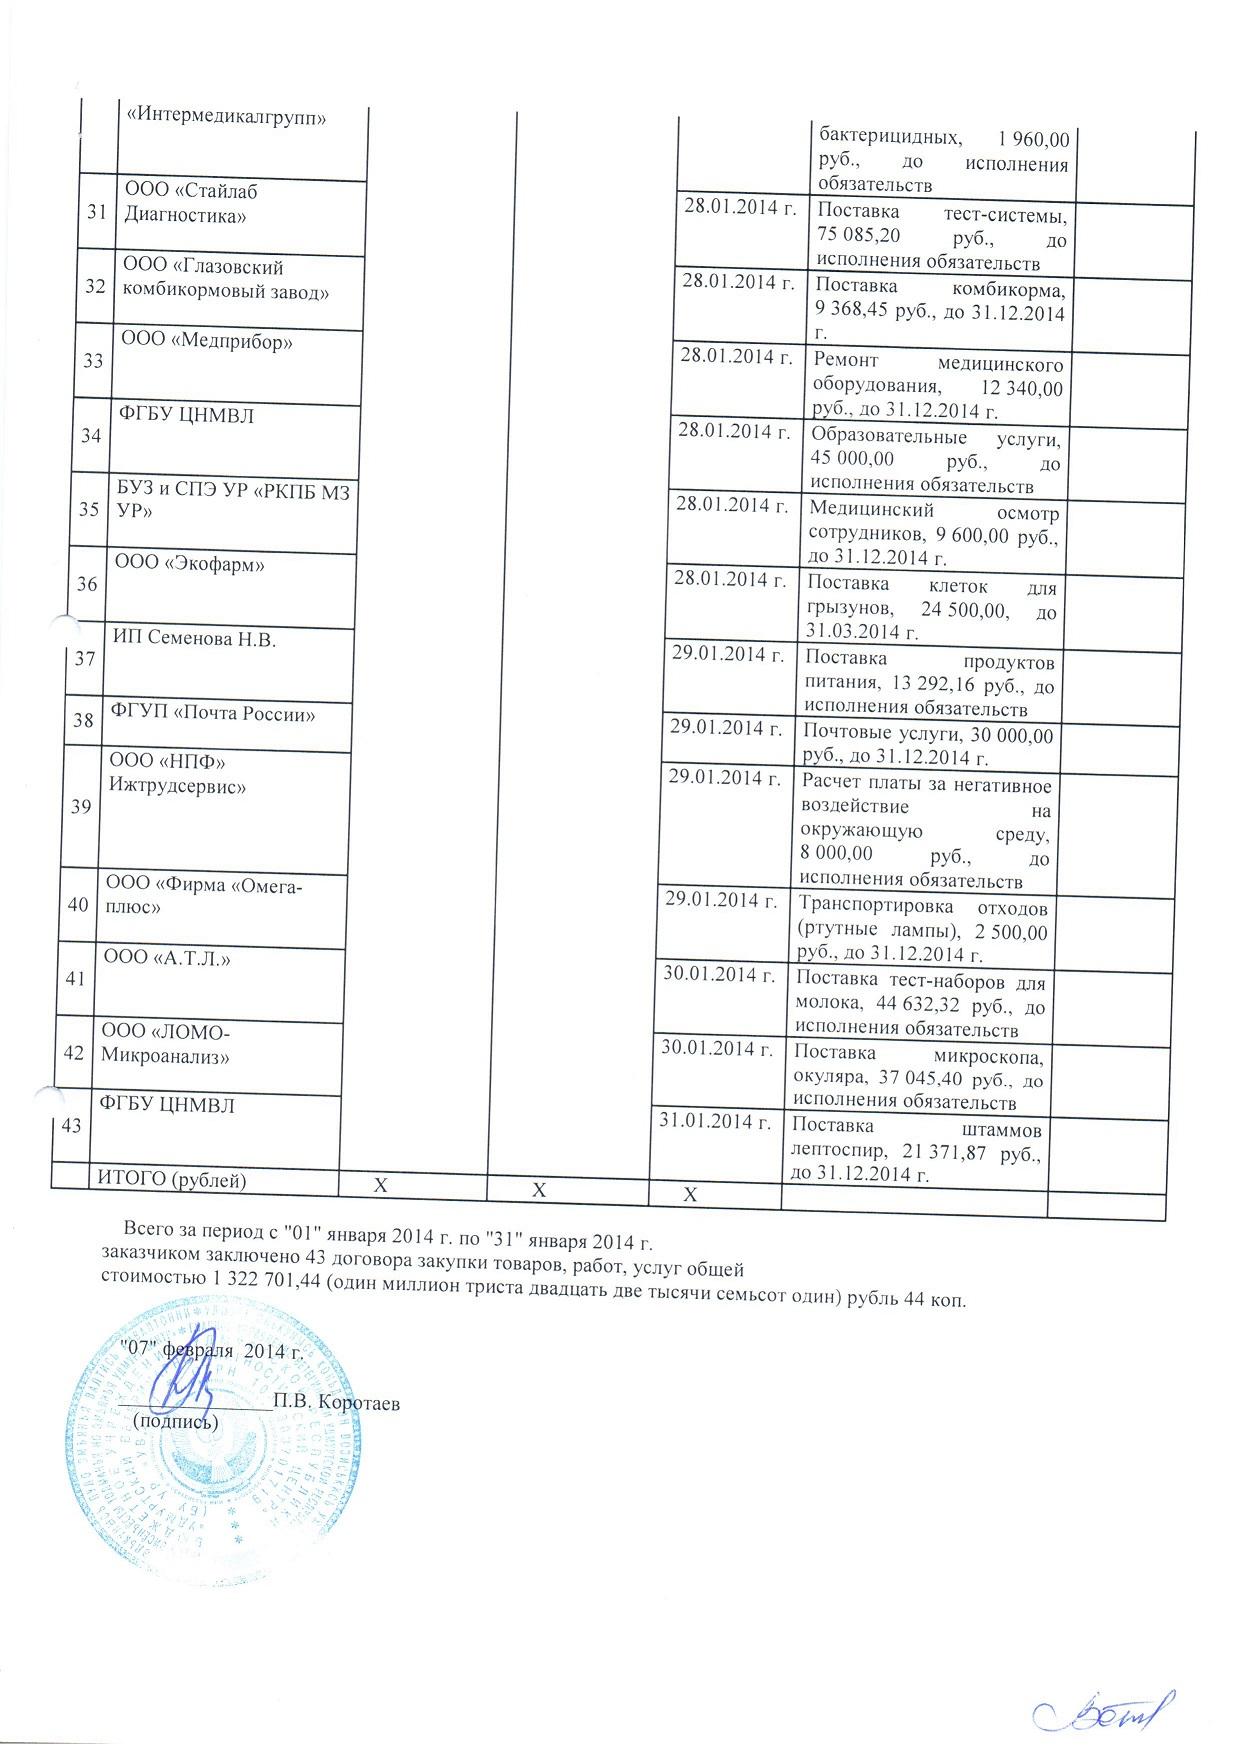 инструкция о мероприятиях по предупреждению и ликвидации классической чуме свиней от 30 03 90 года